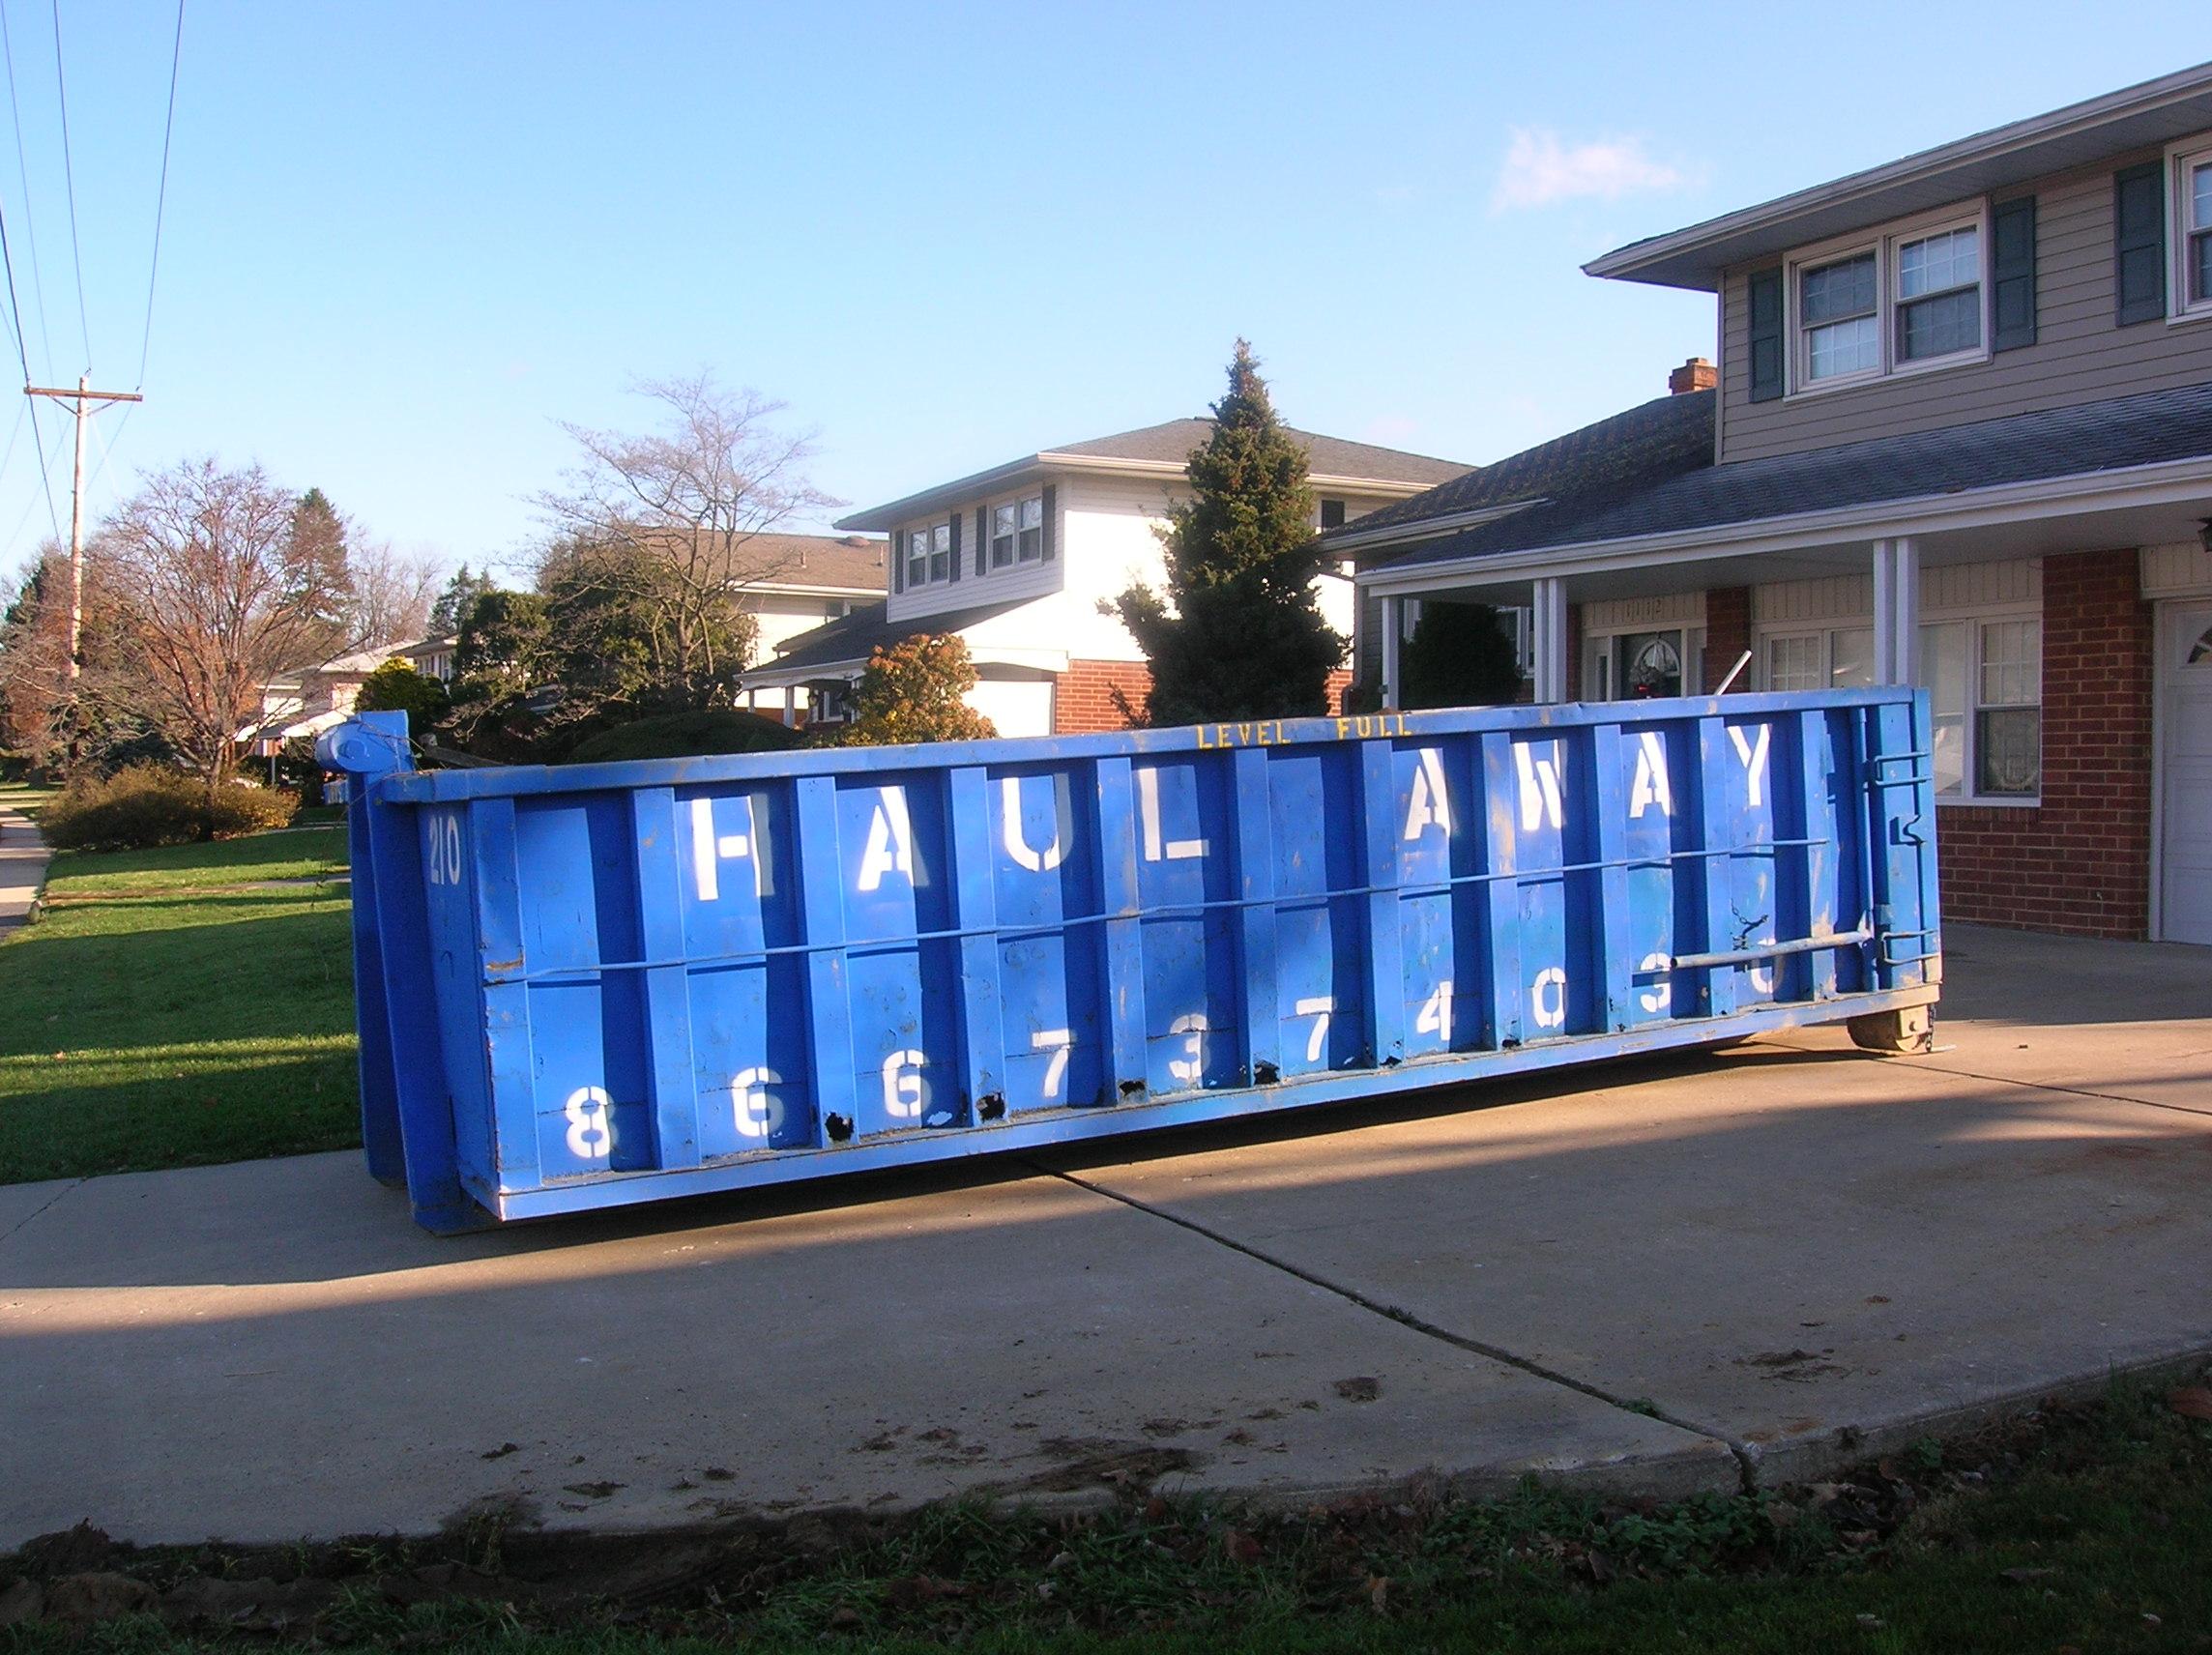 20 Yard Dumpster: 5h' x 8w' x 19L'